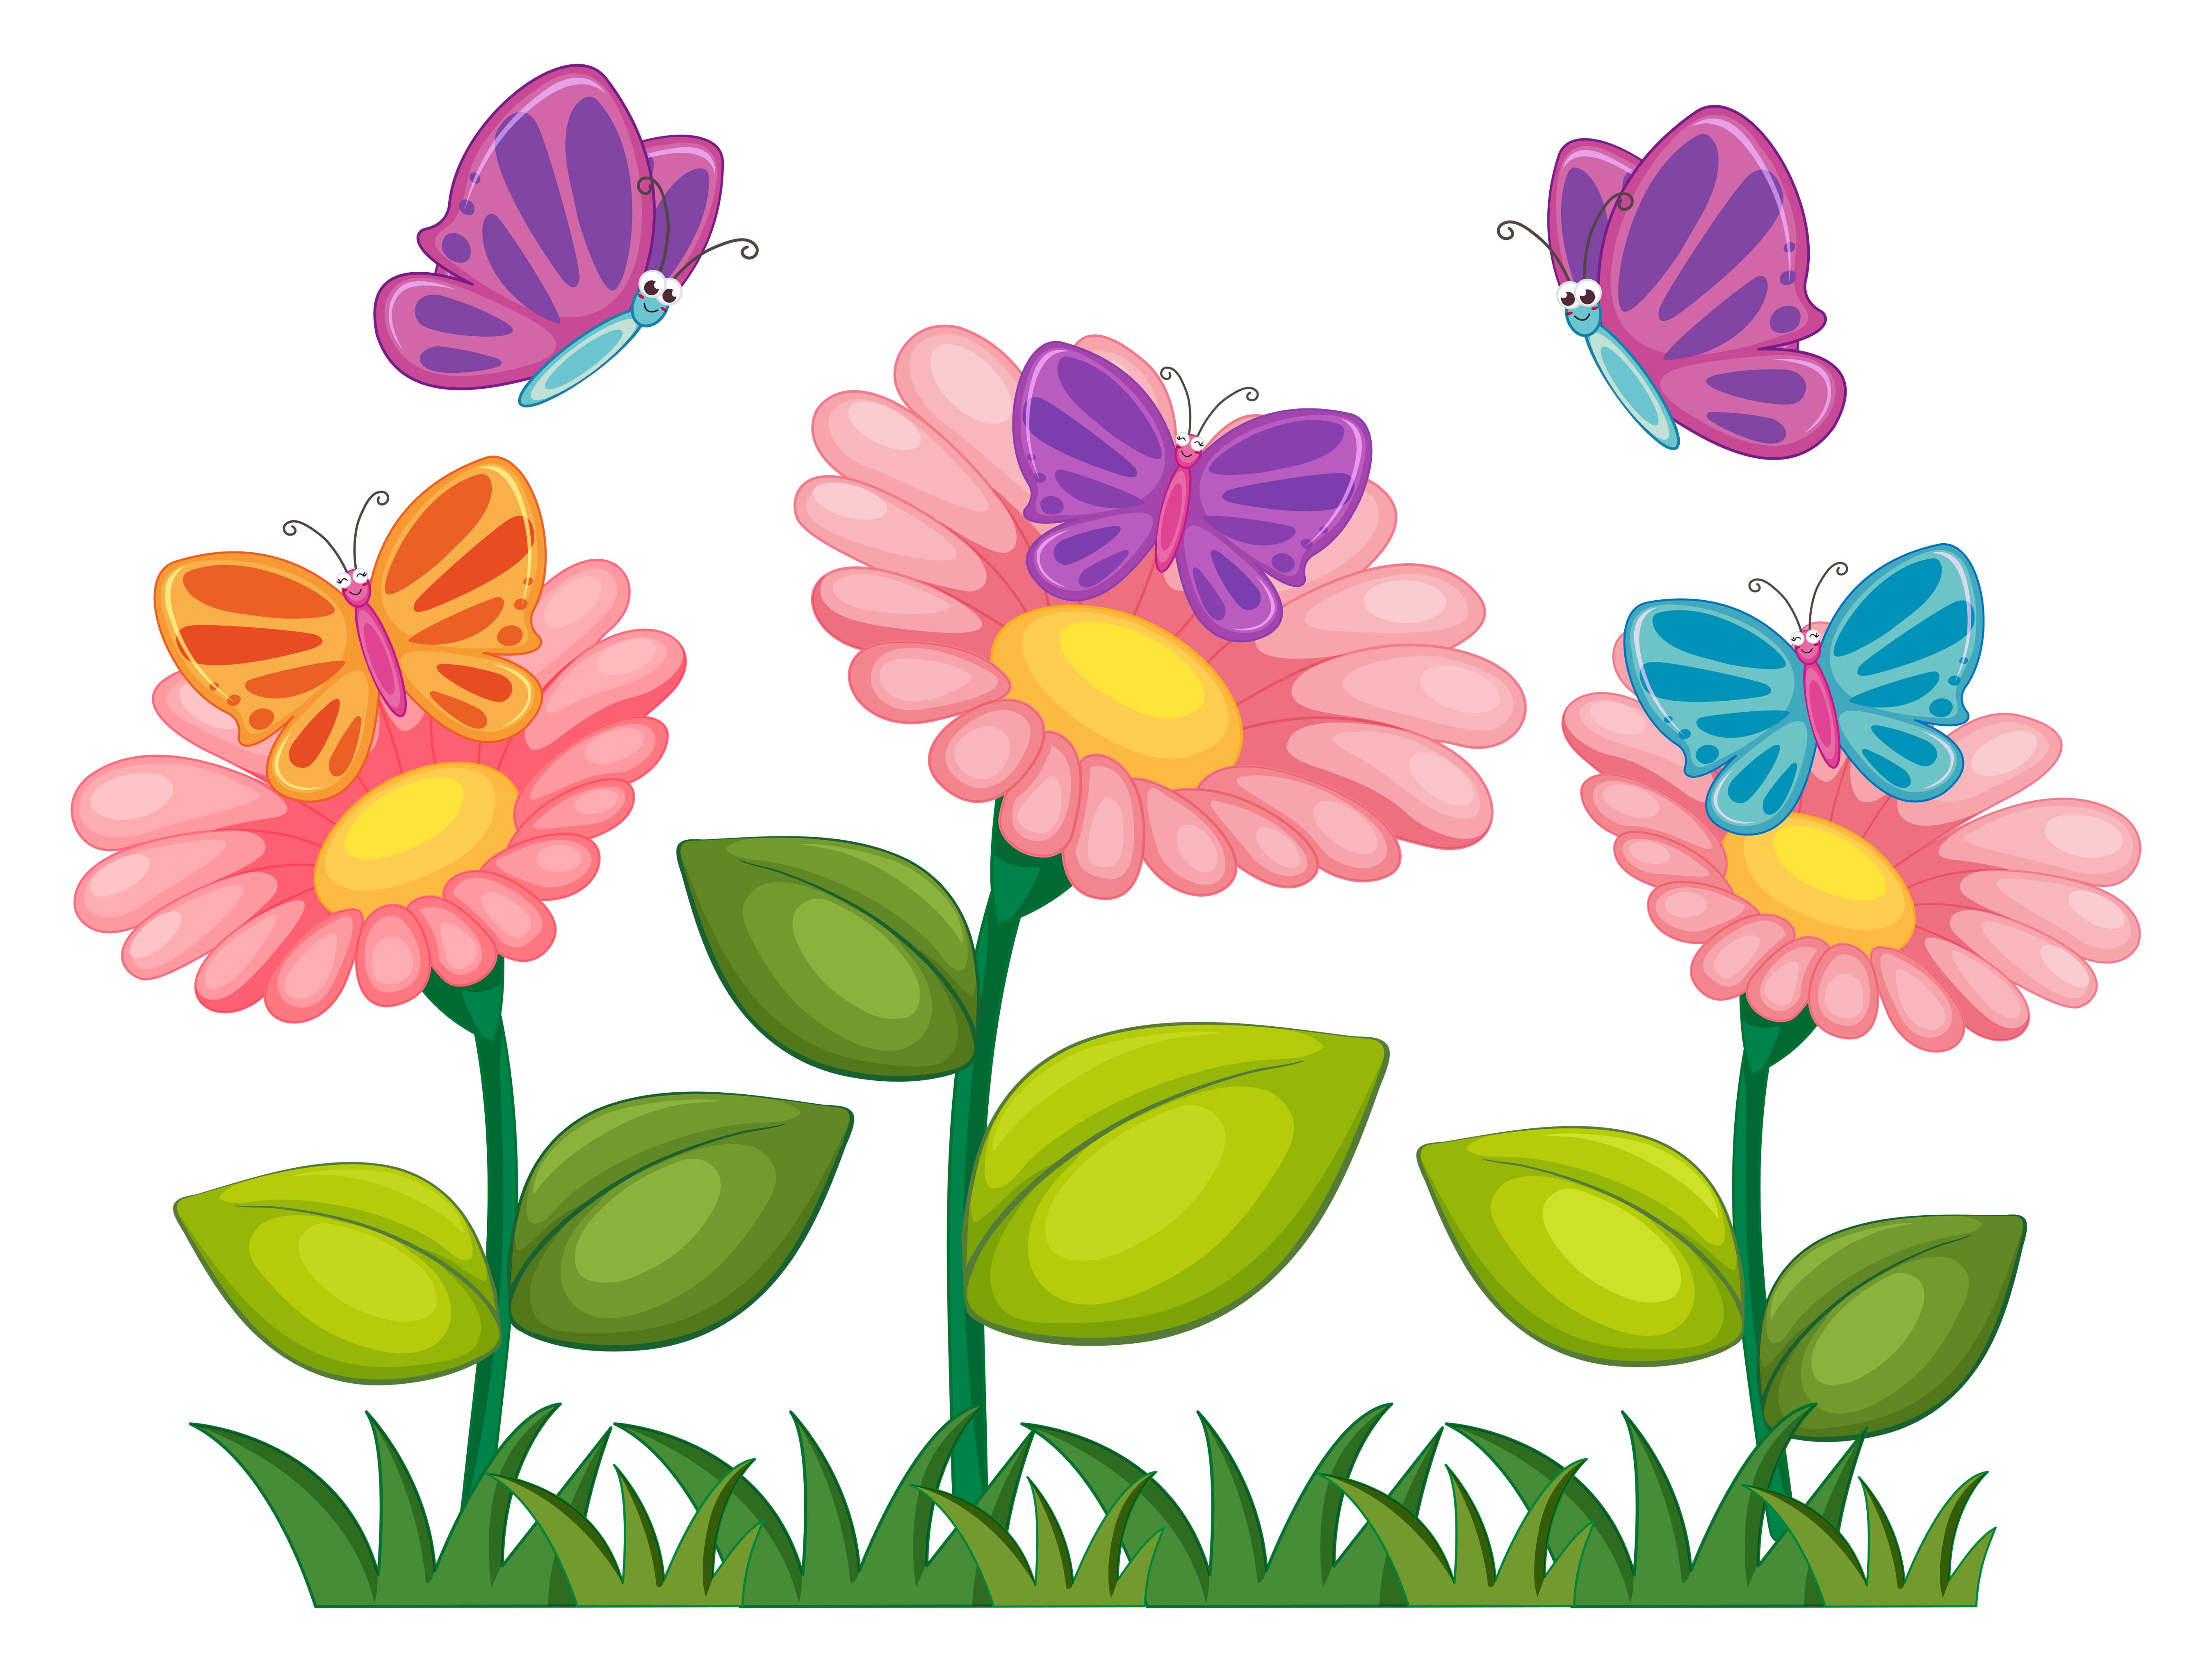 Fiori Bianchi Che Volano.Farfalle Che Volano Nel Giardino Fiorito Scarica Immagini